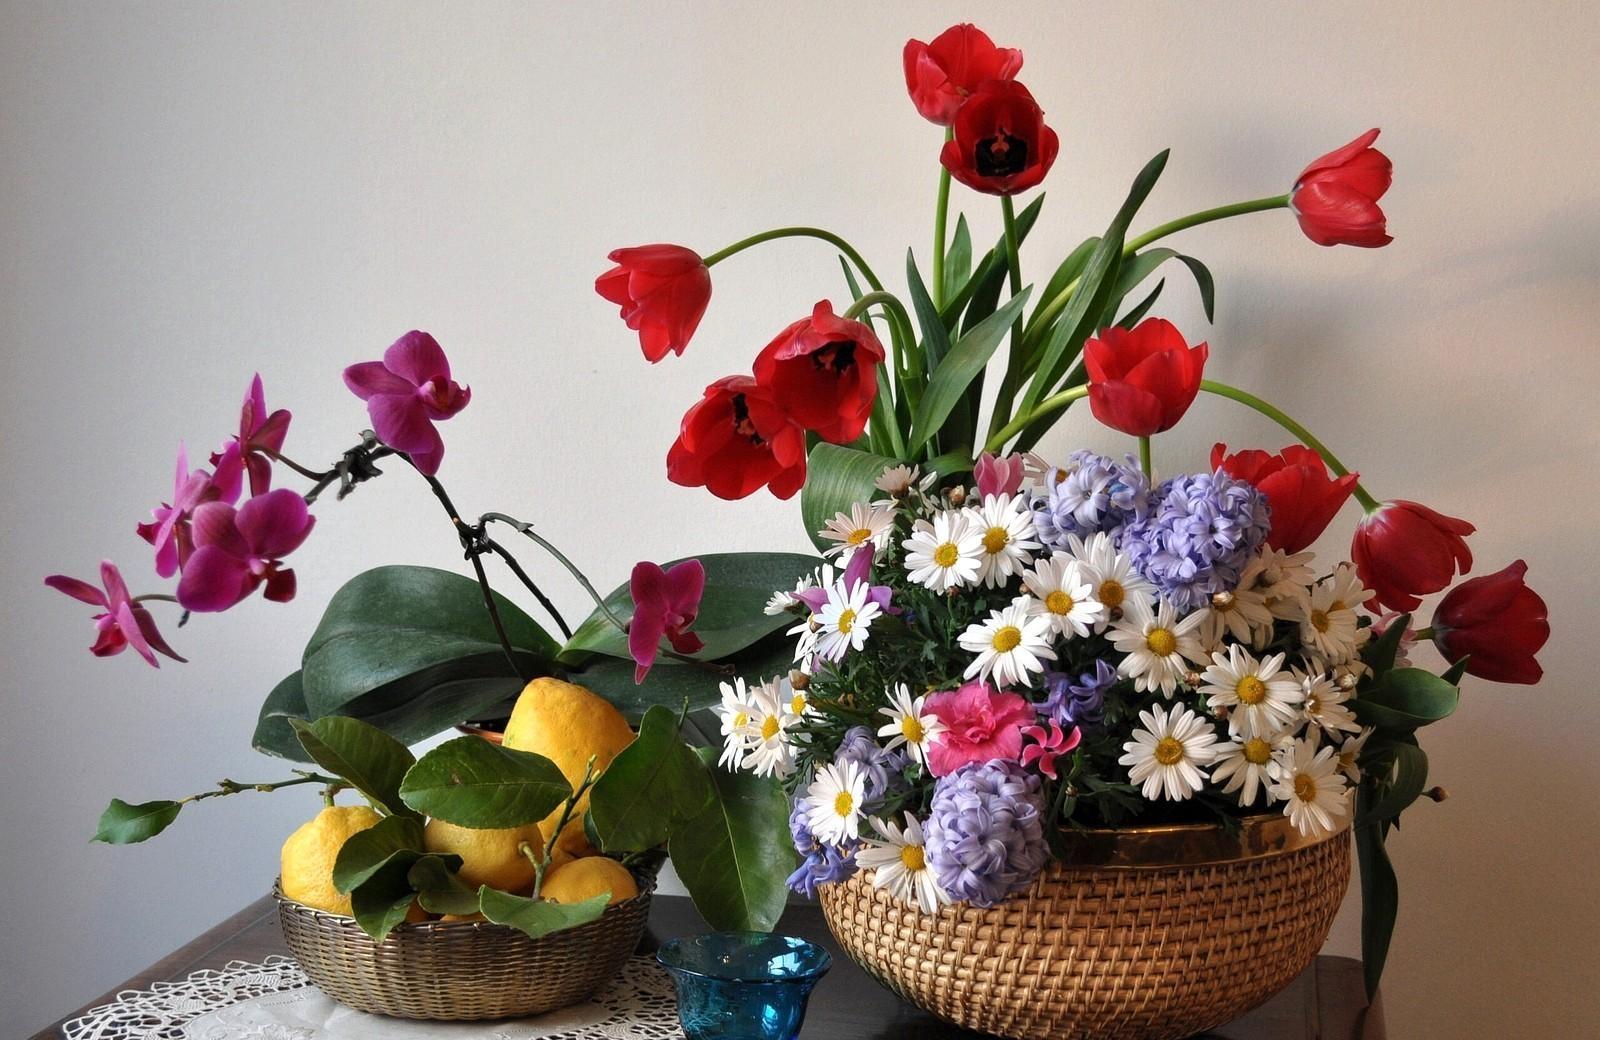 143109 скачать обои Тюльпаны, Ромашки, Цветы, Листья, Лимоны, Натюрморт, Орхидея, Гиацинты - заставки и картинки бесплатно